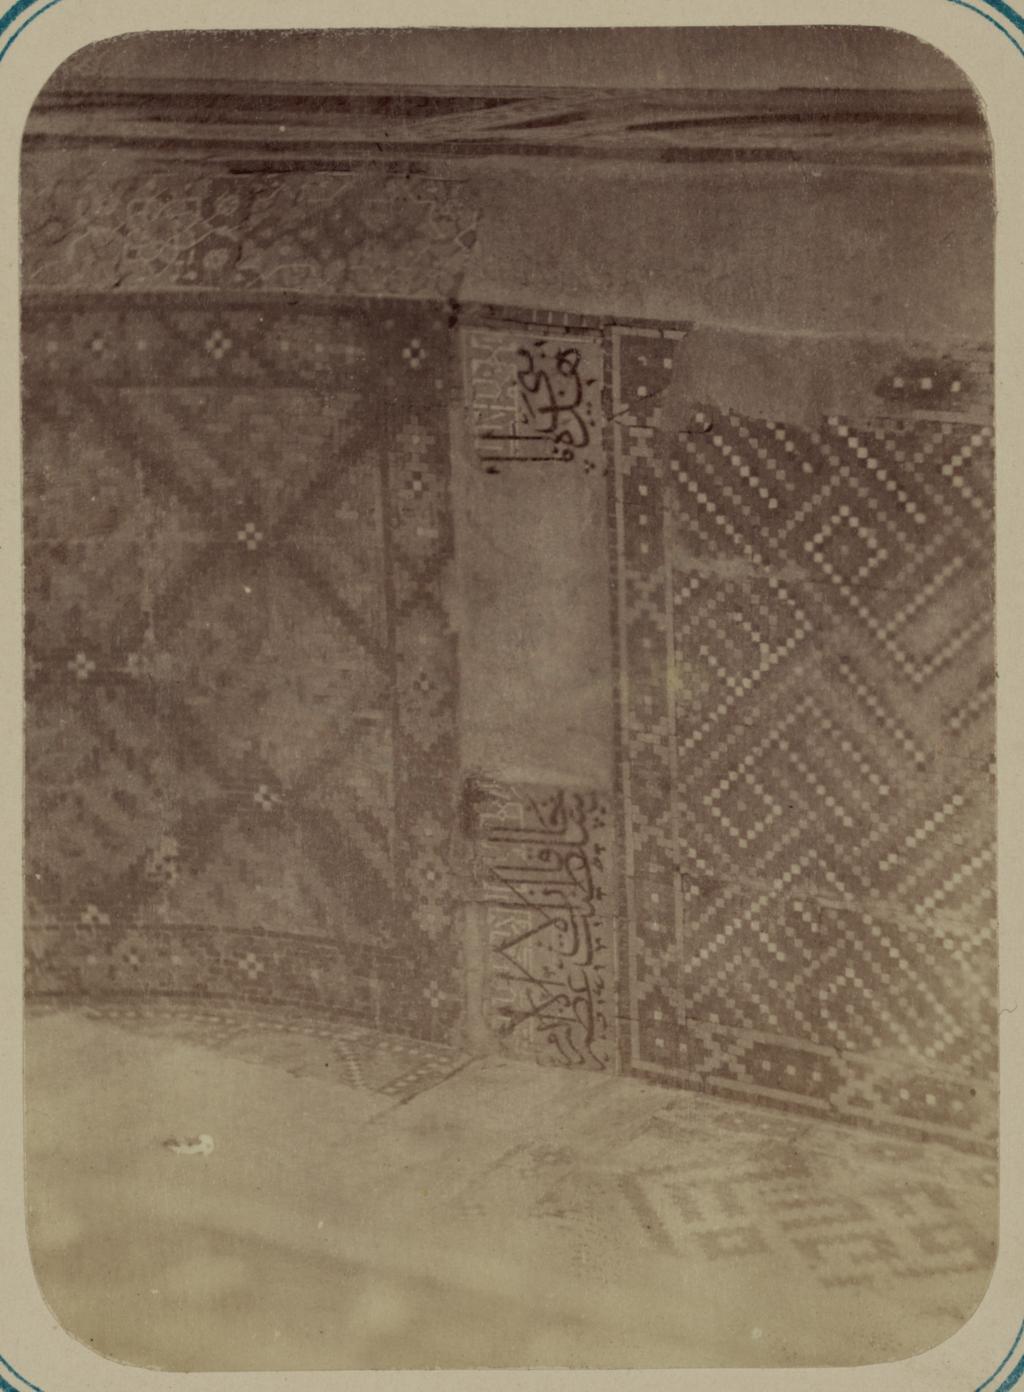 Медресе Надир Диван-Беги, соборная мечеть (мечеть джами). Начало